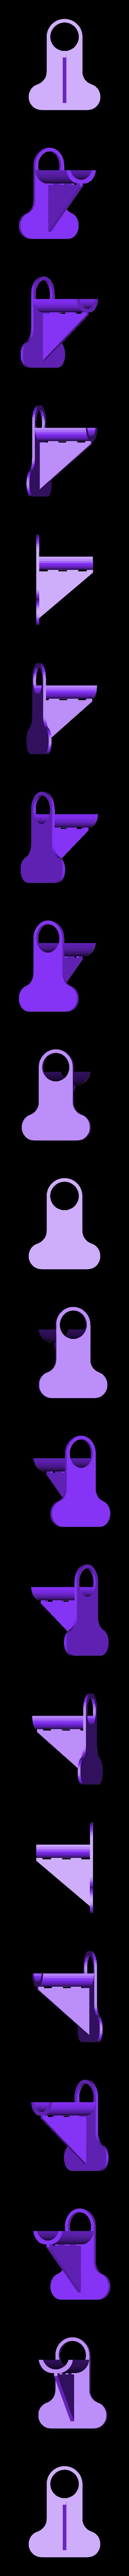 Support Tuyau Piscine.STL Télécharger fichier STL gratuit Support Piscine Intex • Modèle pour impression 3D, sebcolliette